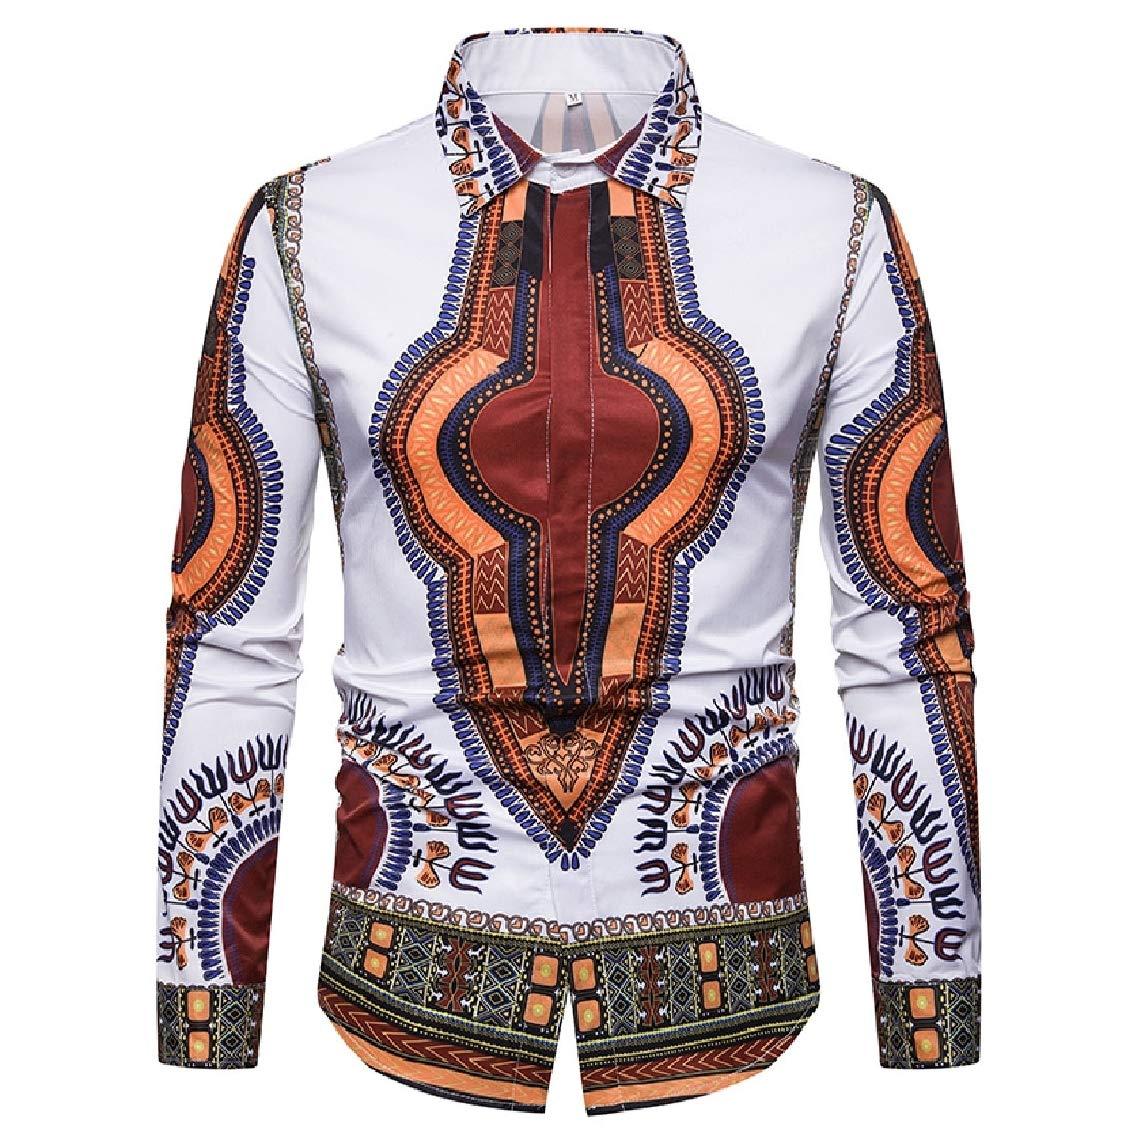 LinkShow Mens 3D Digital Printed African Long Sleeve Buttoned Work Shirt